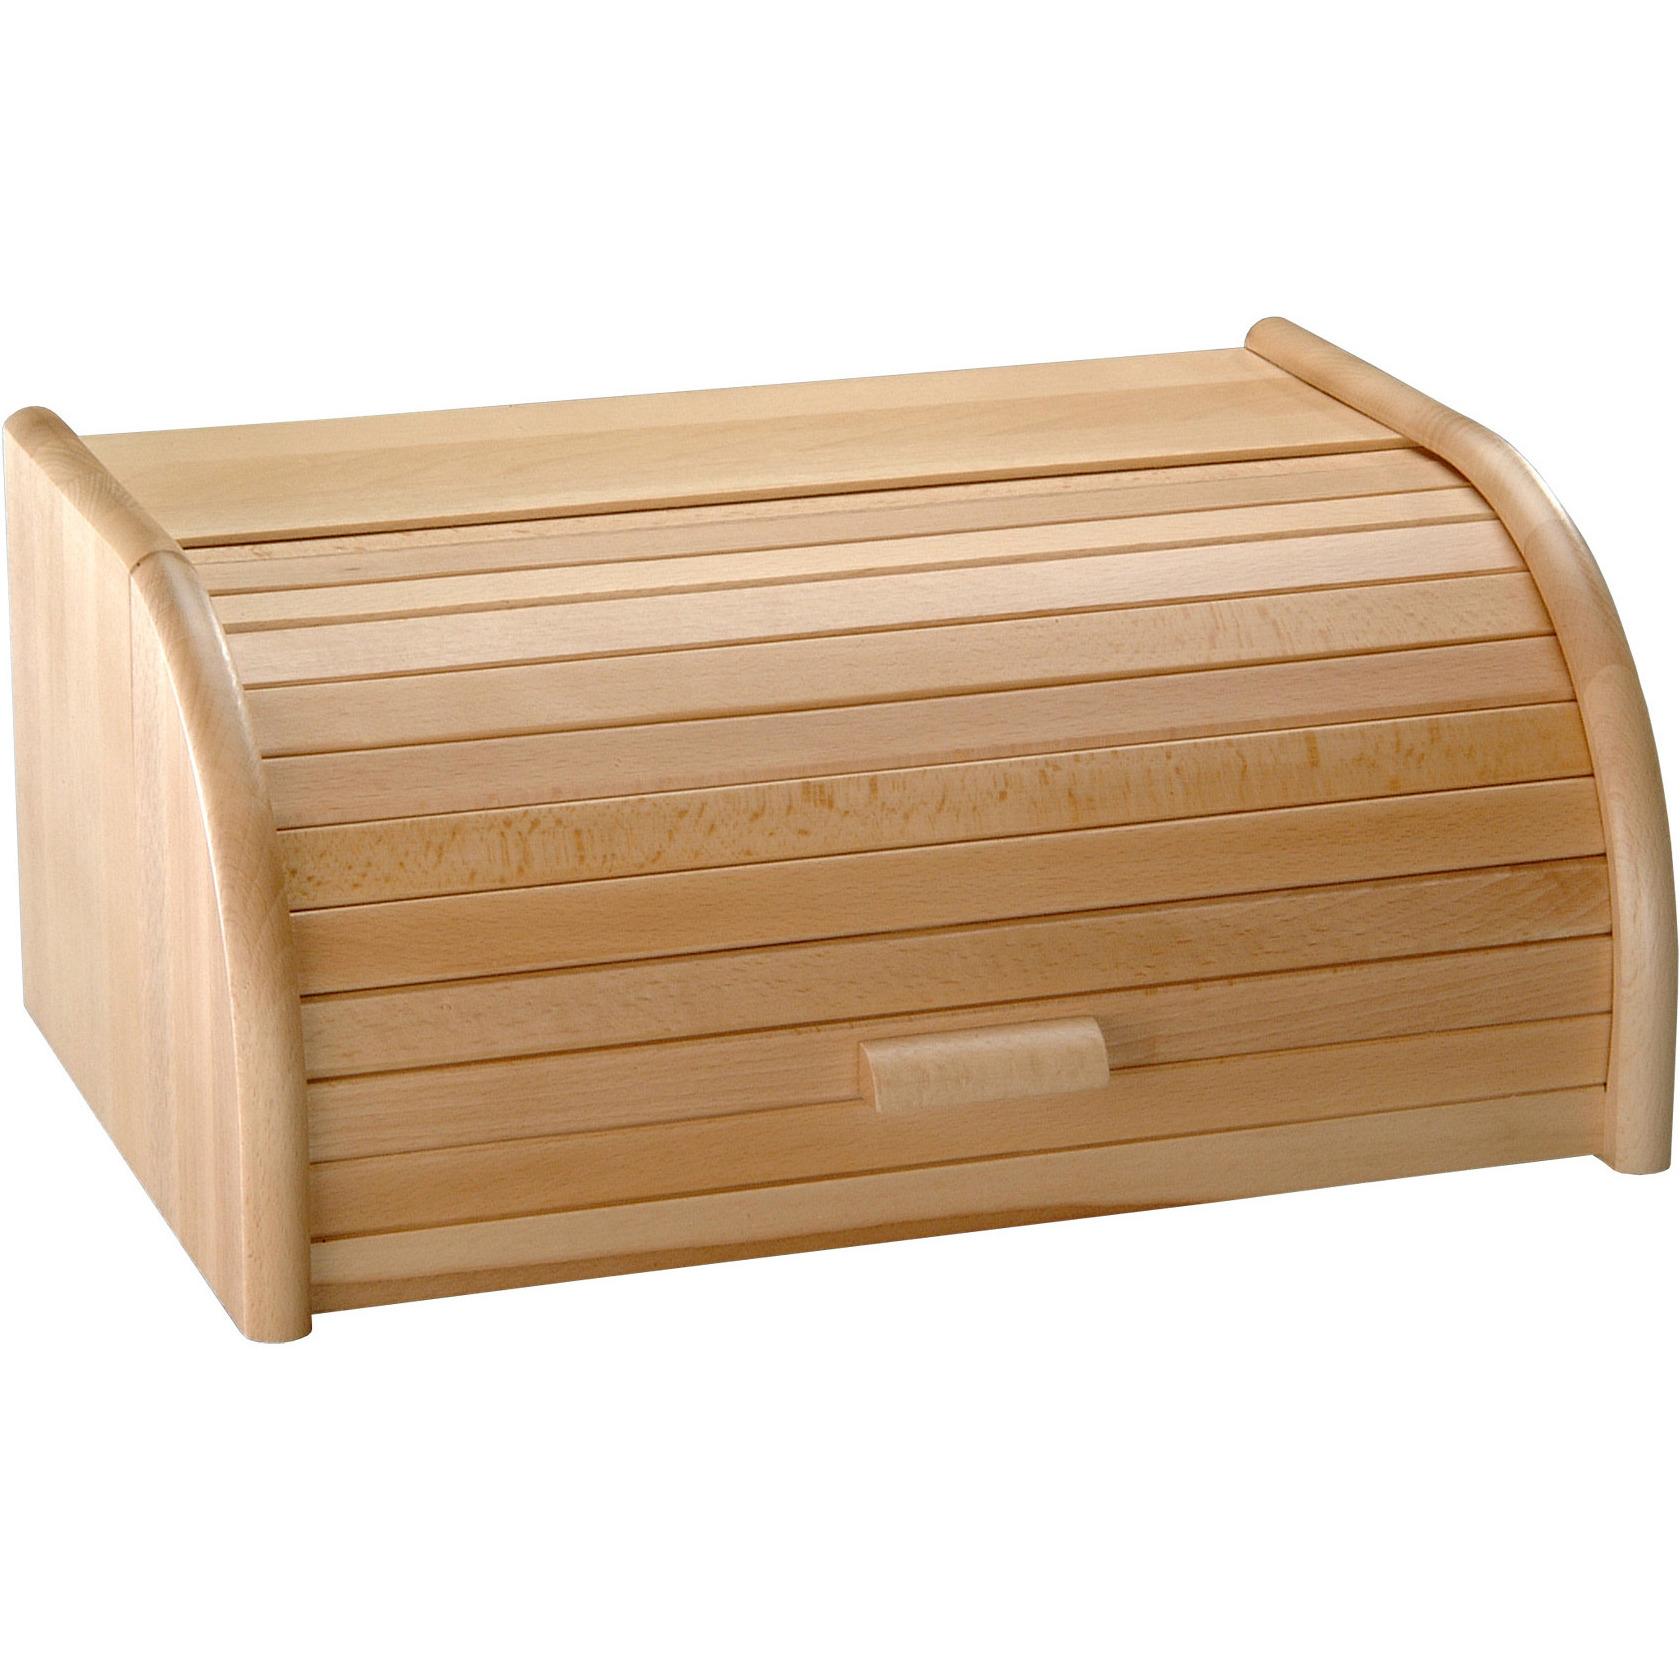 Houten broodtrommel met rolluik 28 x 40 x 18 cm